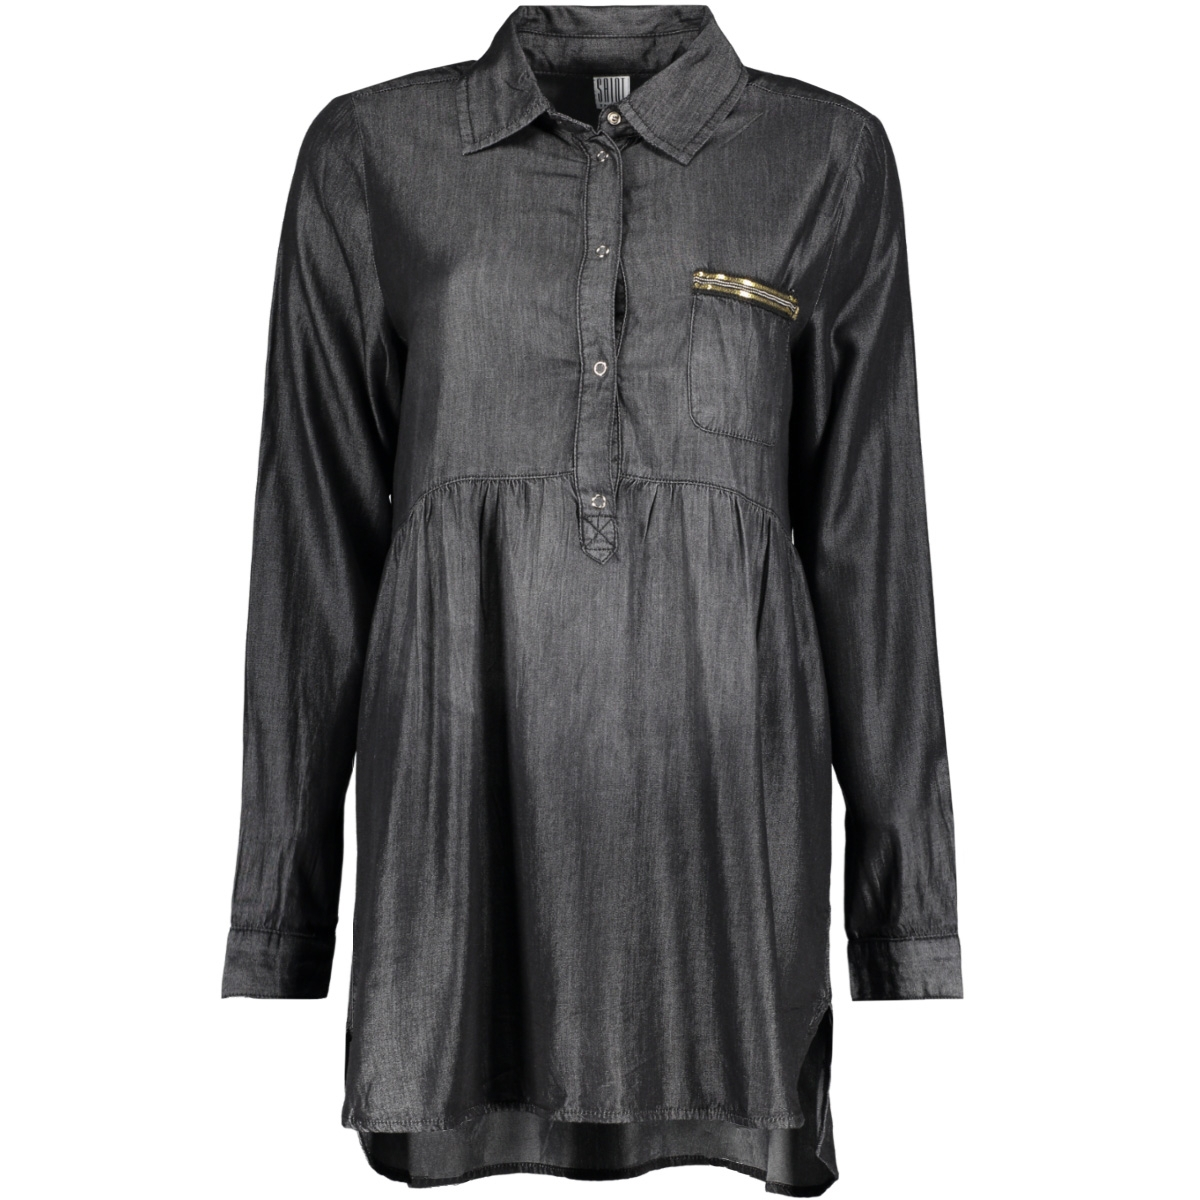 r1805 saint tropez blouse 0001